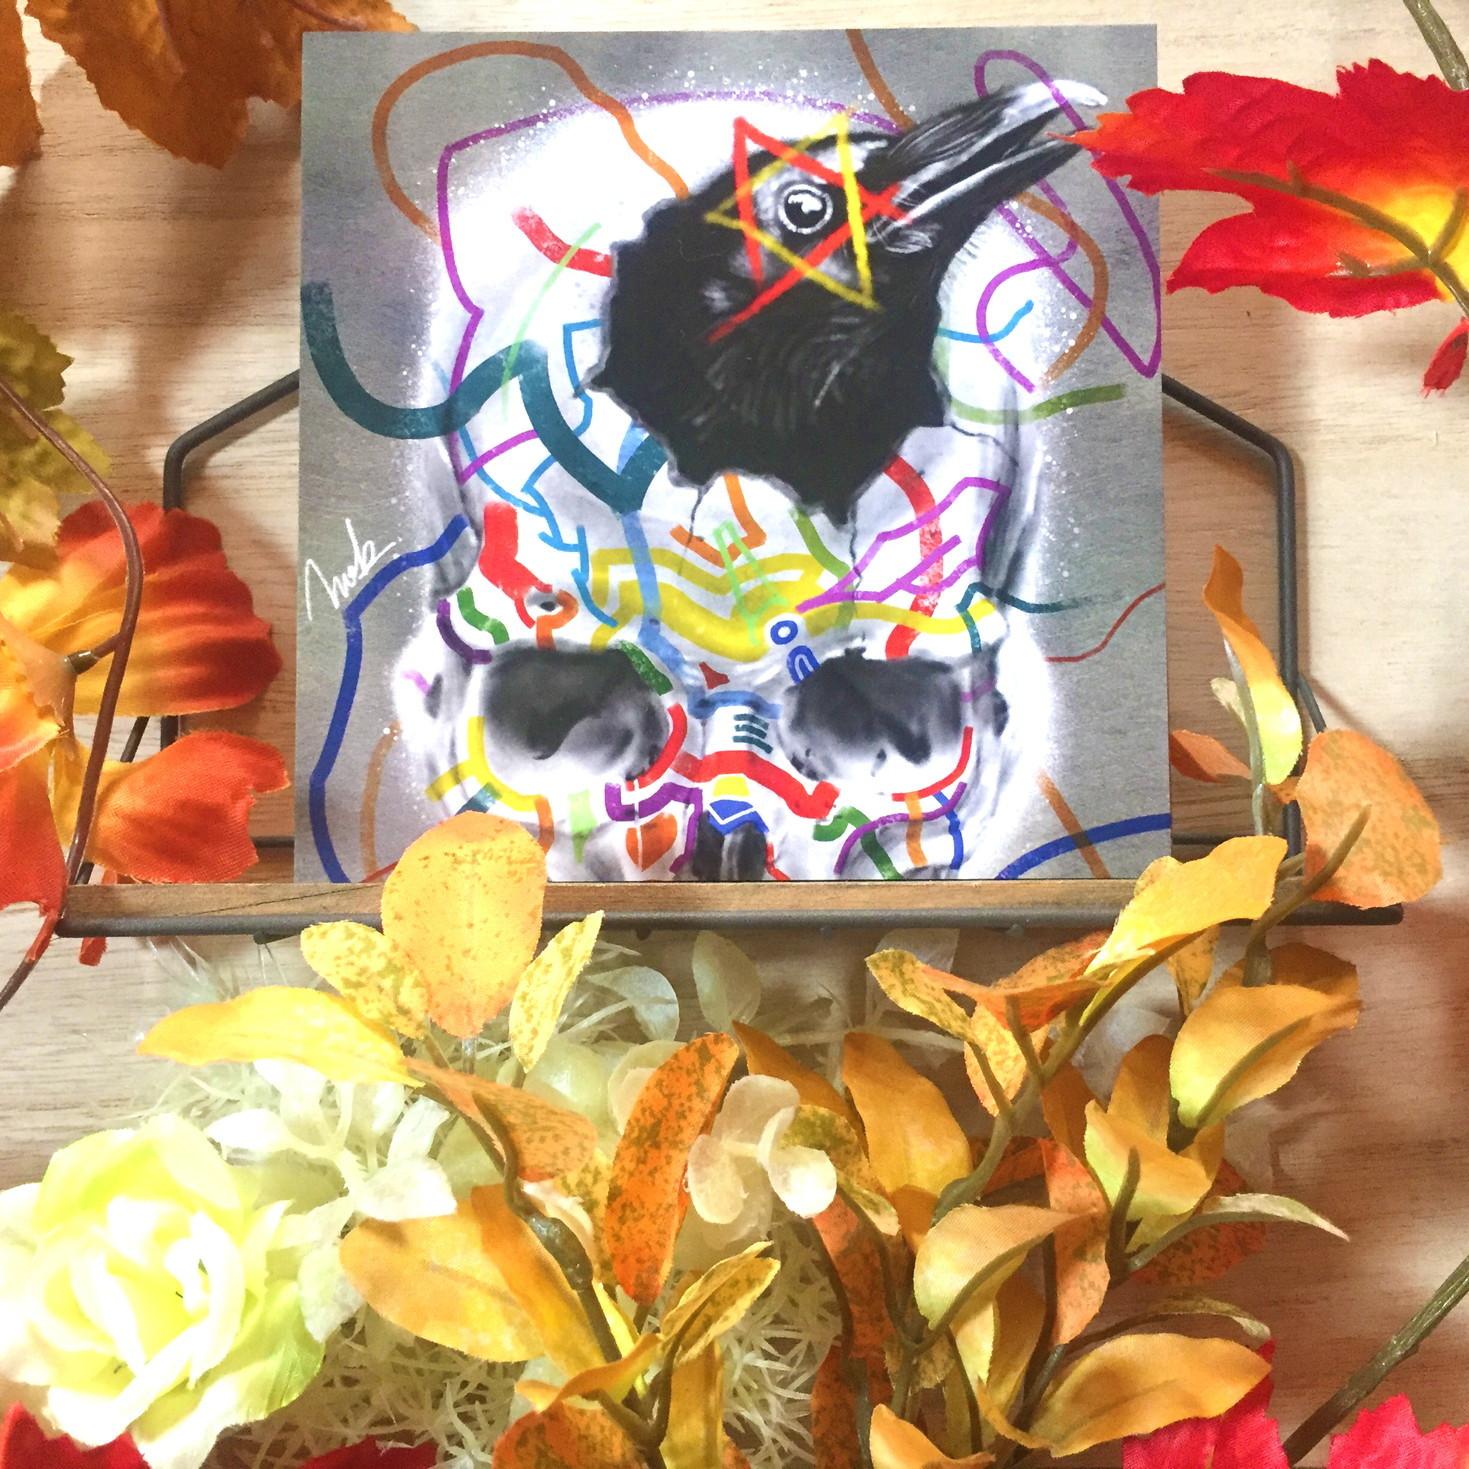 絵画 インテリア アートパネル 雑貨 壁掛け 置物 おしゃれ 髑髏 ドクロ カラス 現代アート ロココロ 画家 : nob 作品 : L&D02